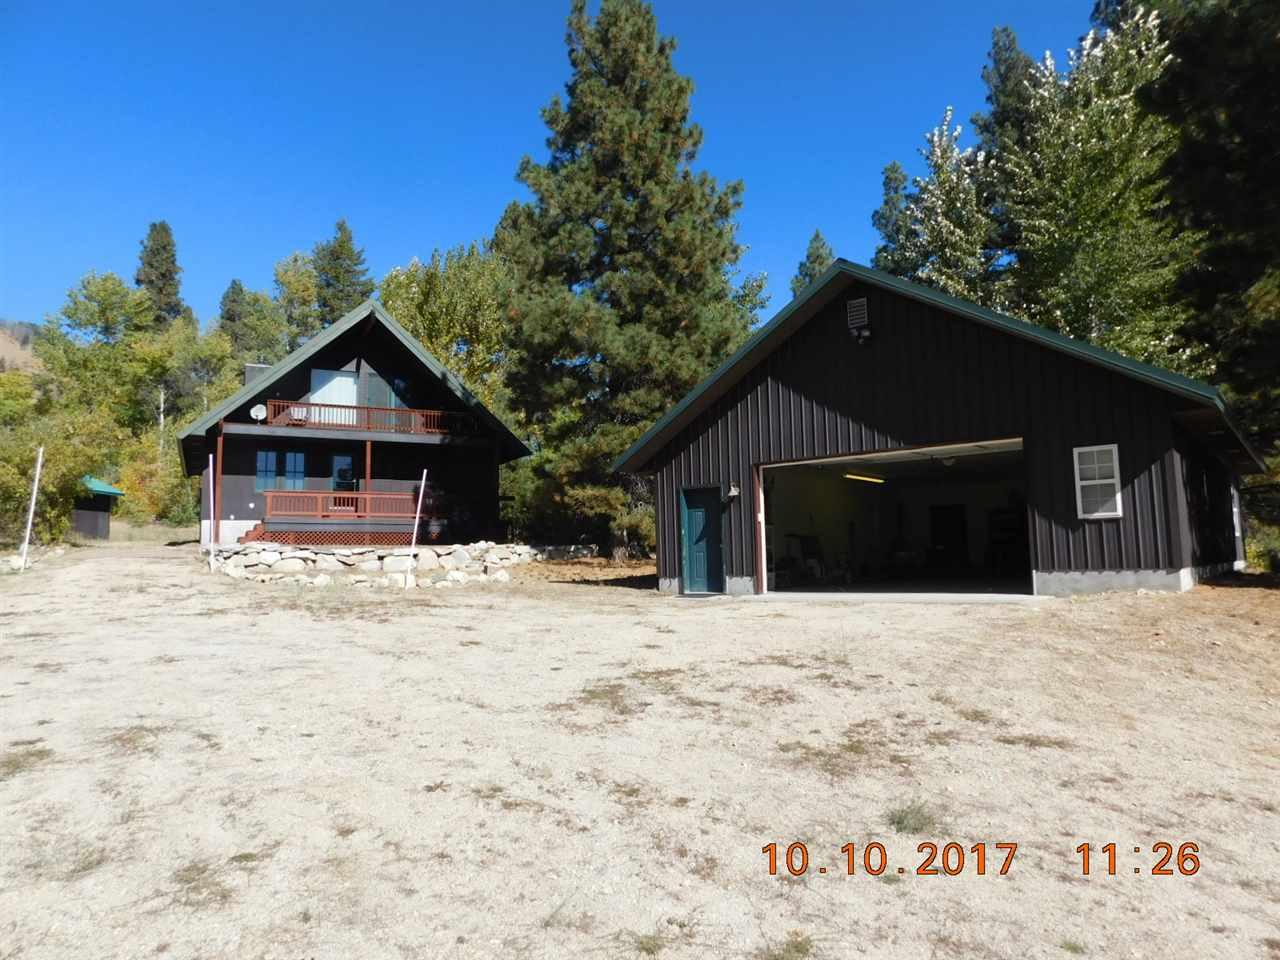 独户住宅 为 销售 在 565 N Alpine Circle 565 N Alpine Circle Pine, 爱达荷州 83647